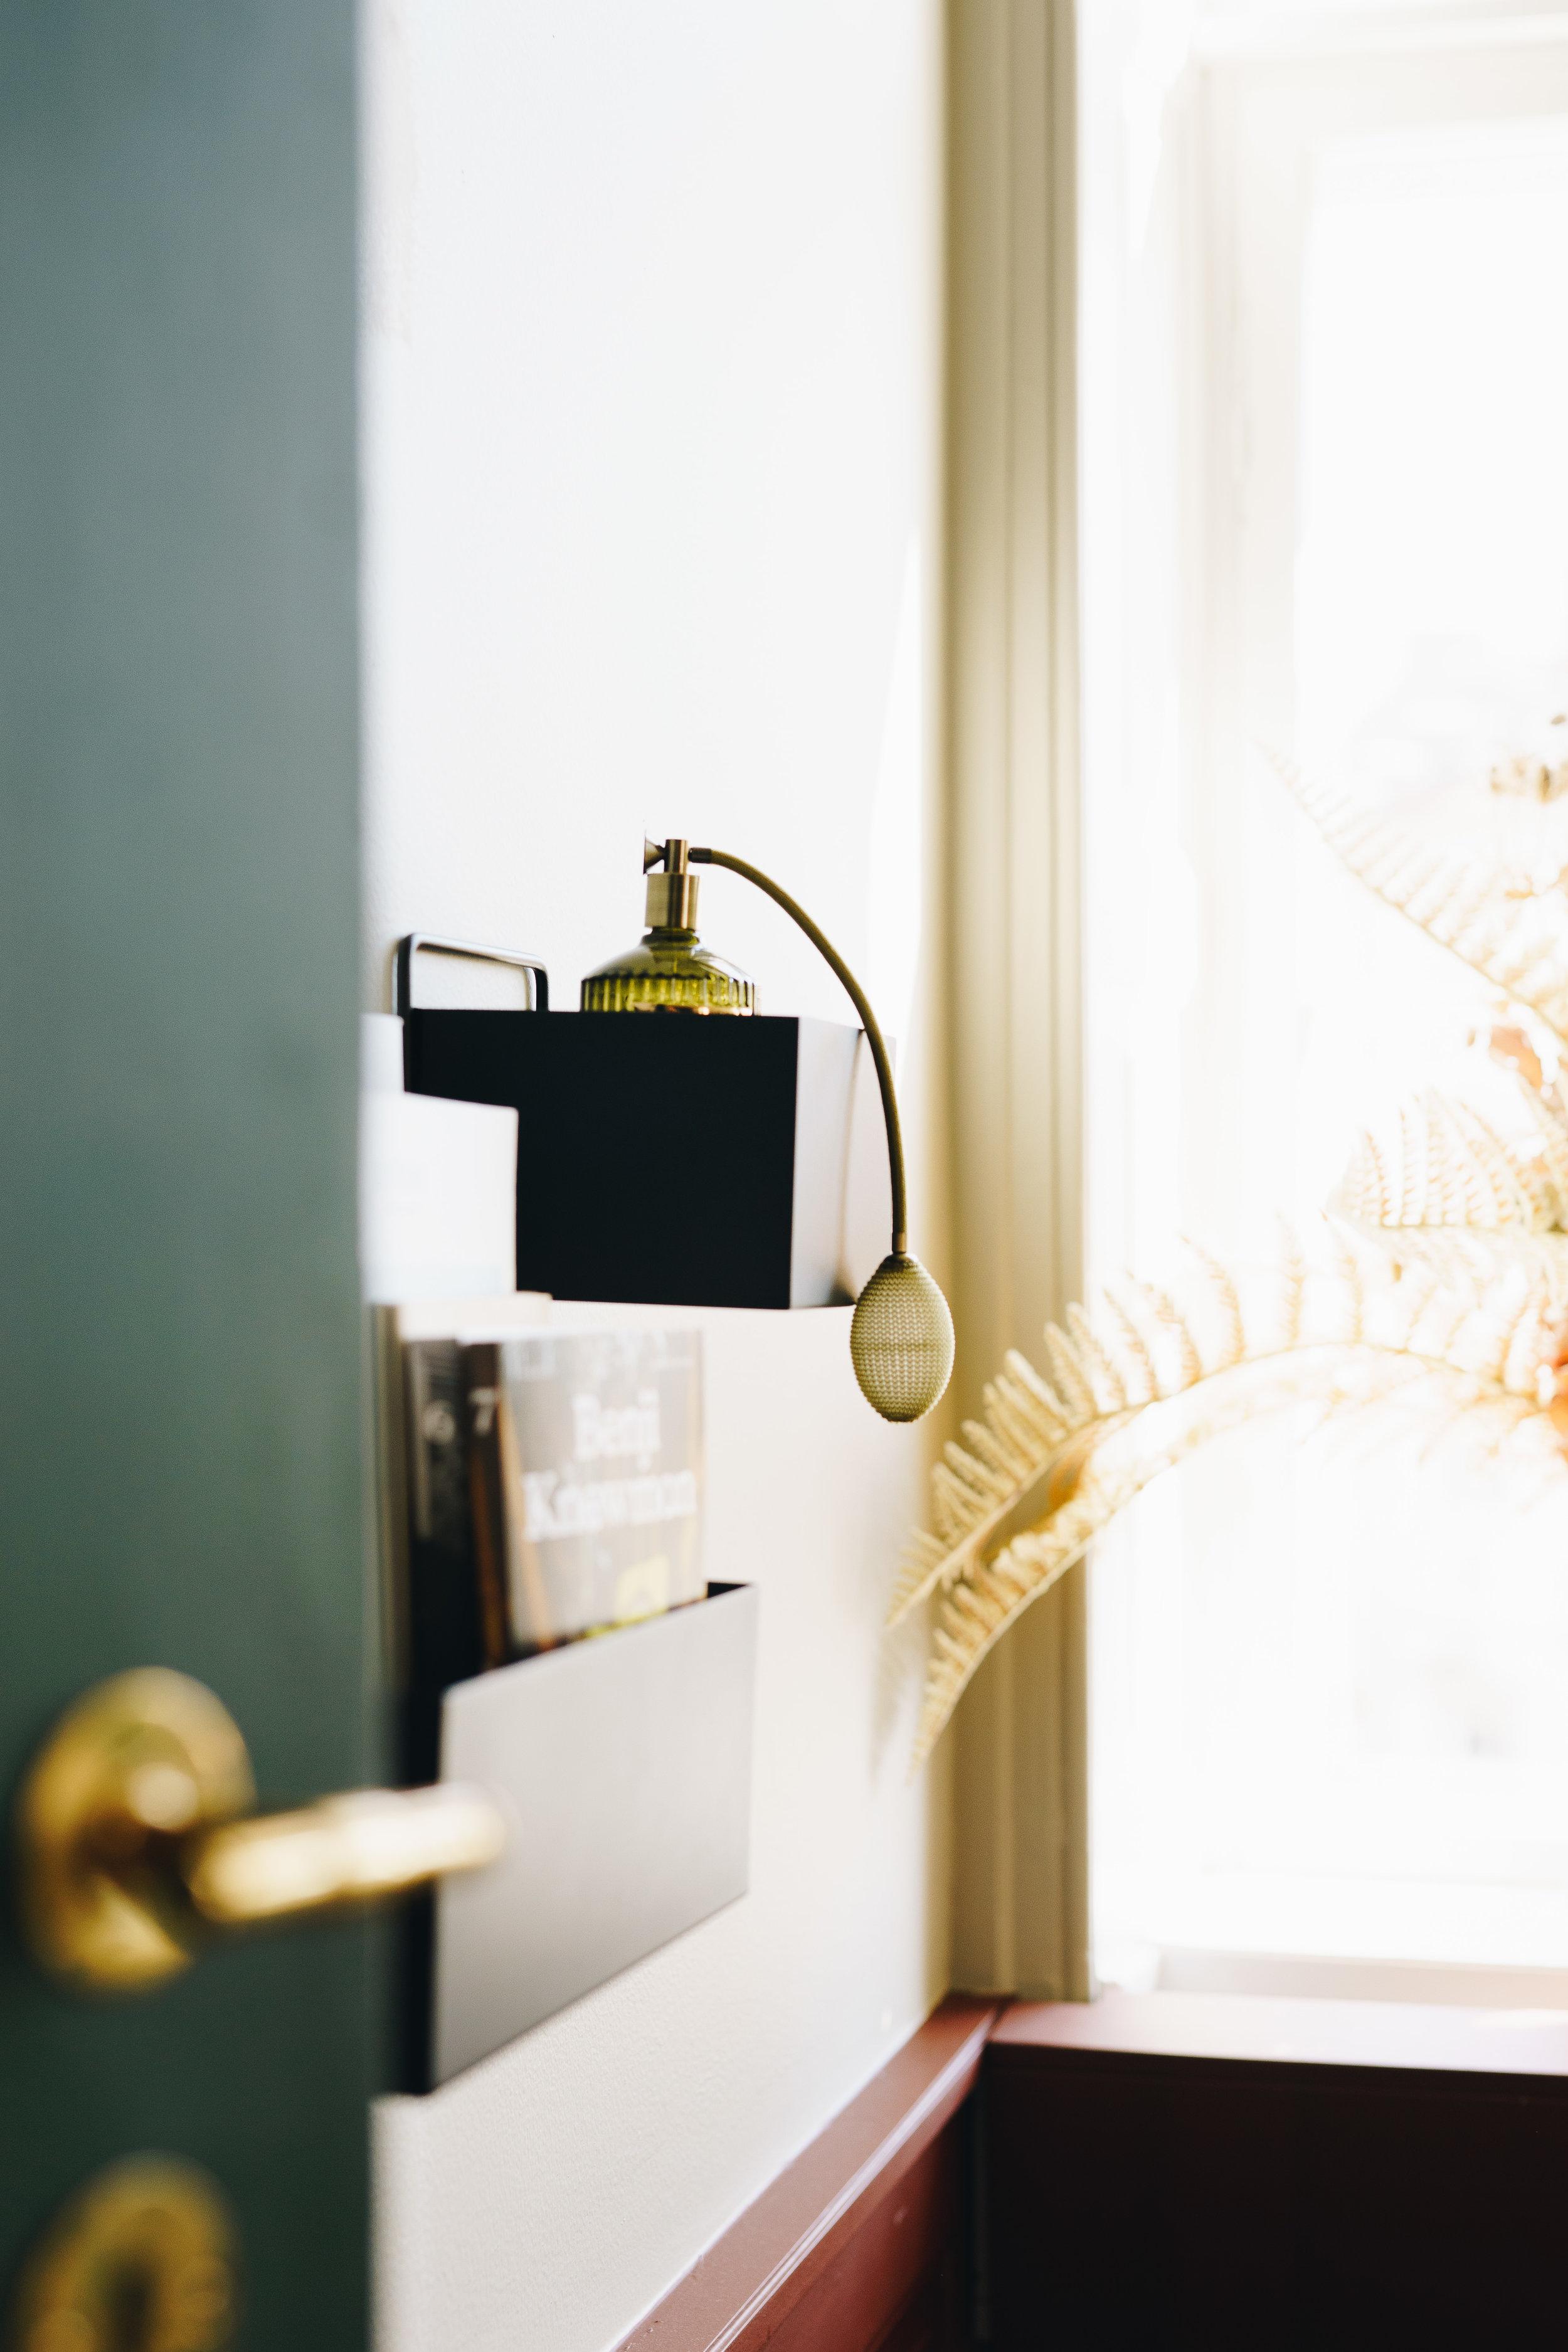 ASROSENVINGE_The Home by Ferm Living_Copenhagen-08754.jpg